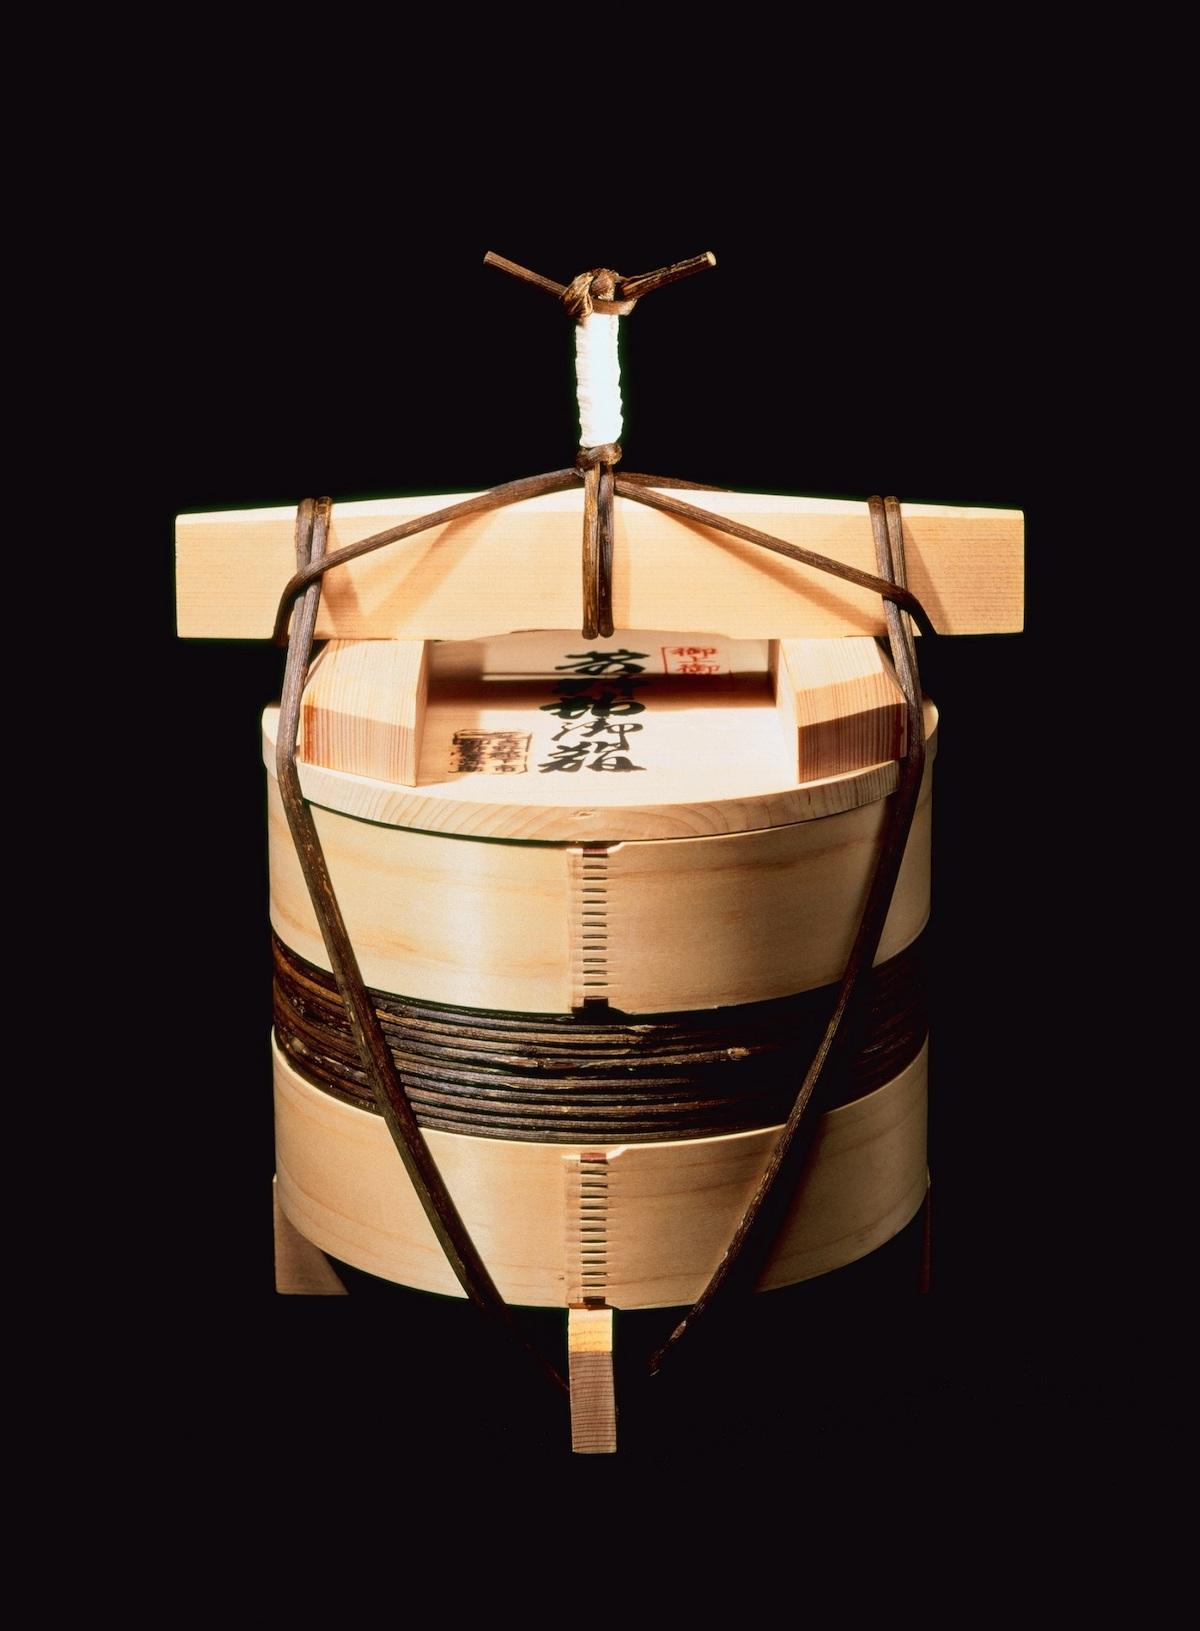 《釣瓶鮓》 奈良県/釣瓶鮓弥助 撮影:酒井道一(岡秀行著『包』毎日新聞社、1972年 所収)